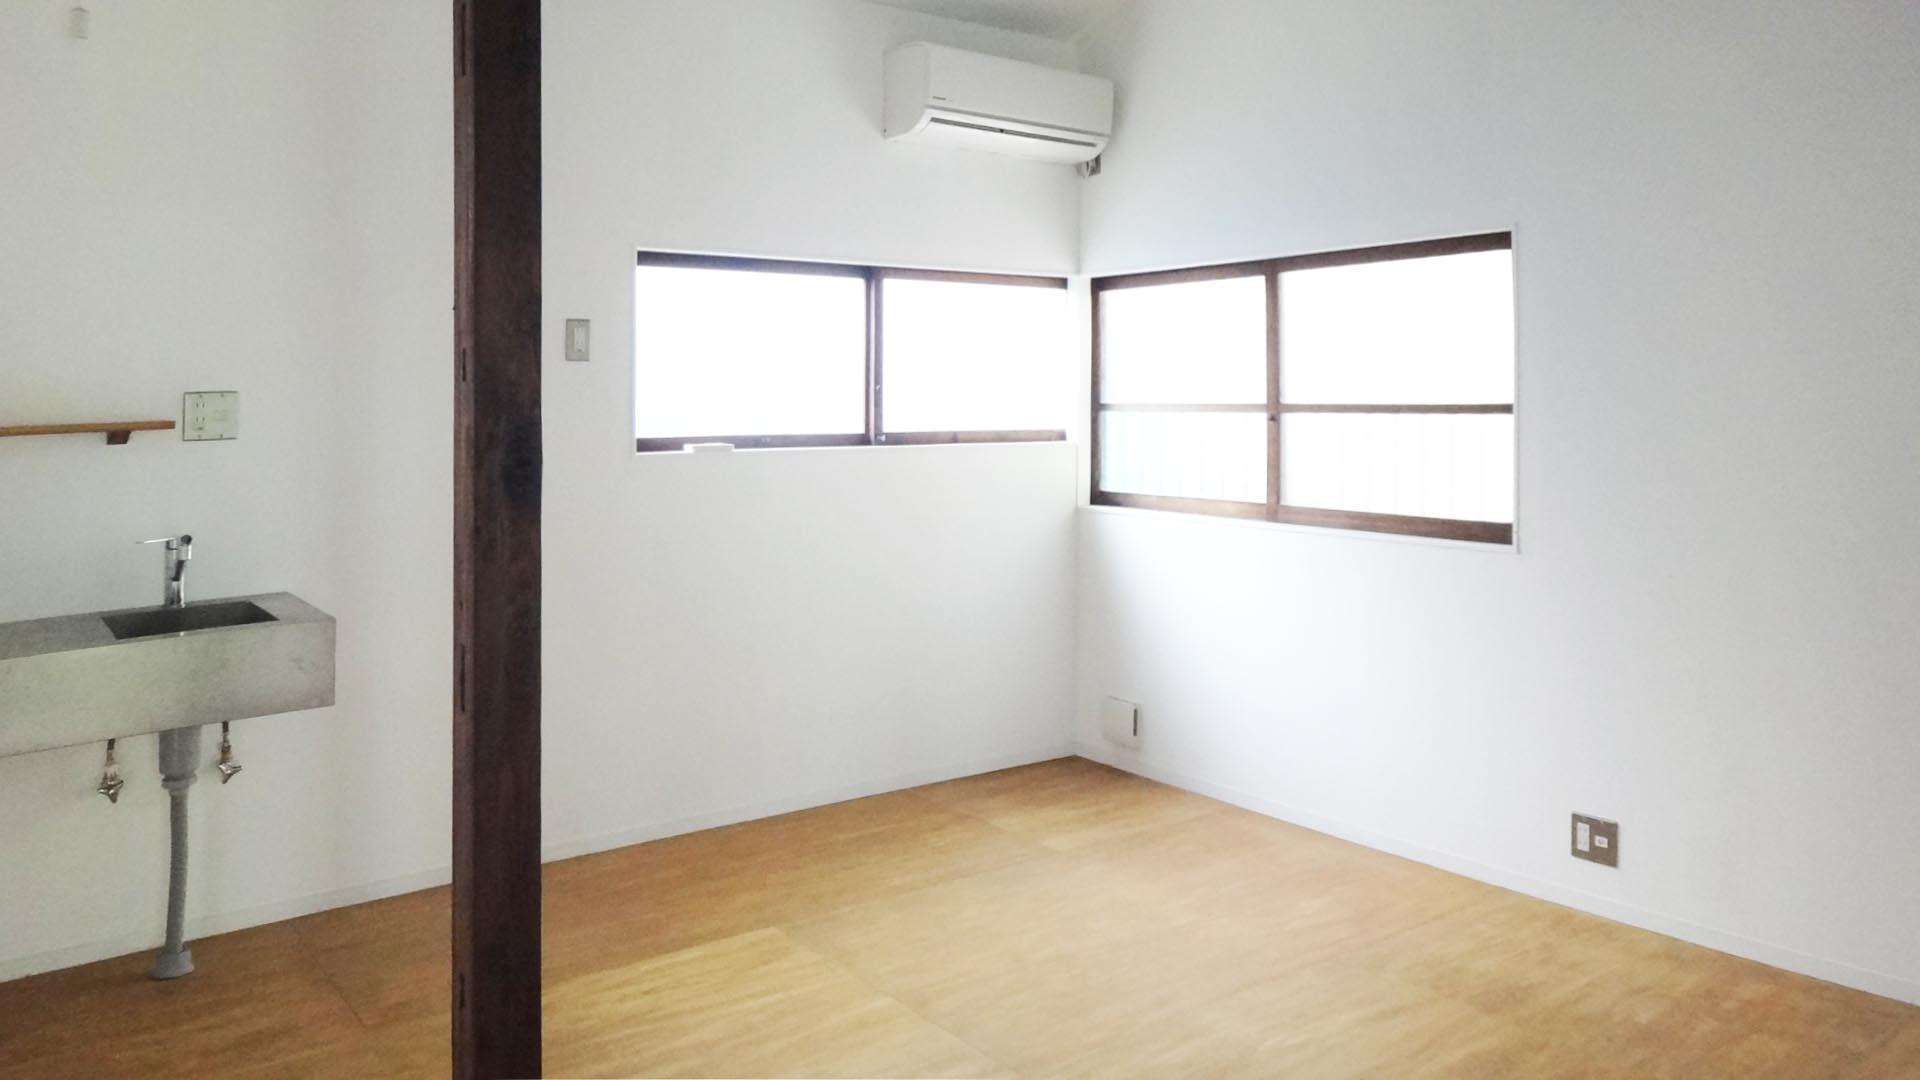 2号室の室内はすっきりしています。昔ながらのサッシがなじんでいます